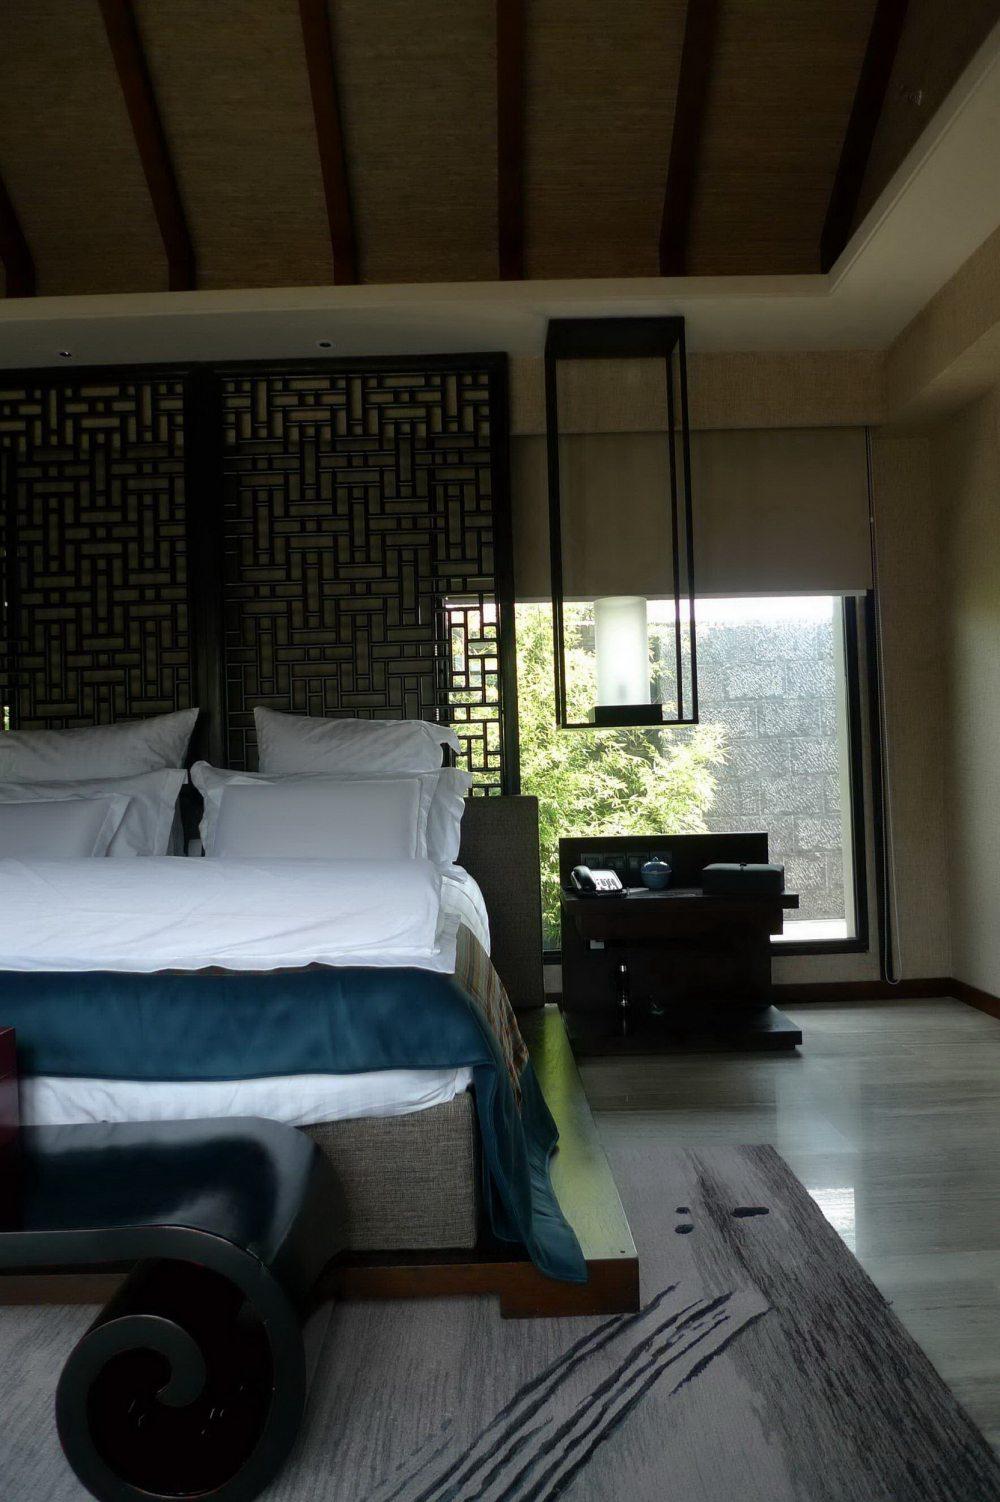 云南丽江铂尔曼渡假酒店(Lijiang Pullman Hotel)(CCD)(第8页更新)_P1010553.jpg